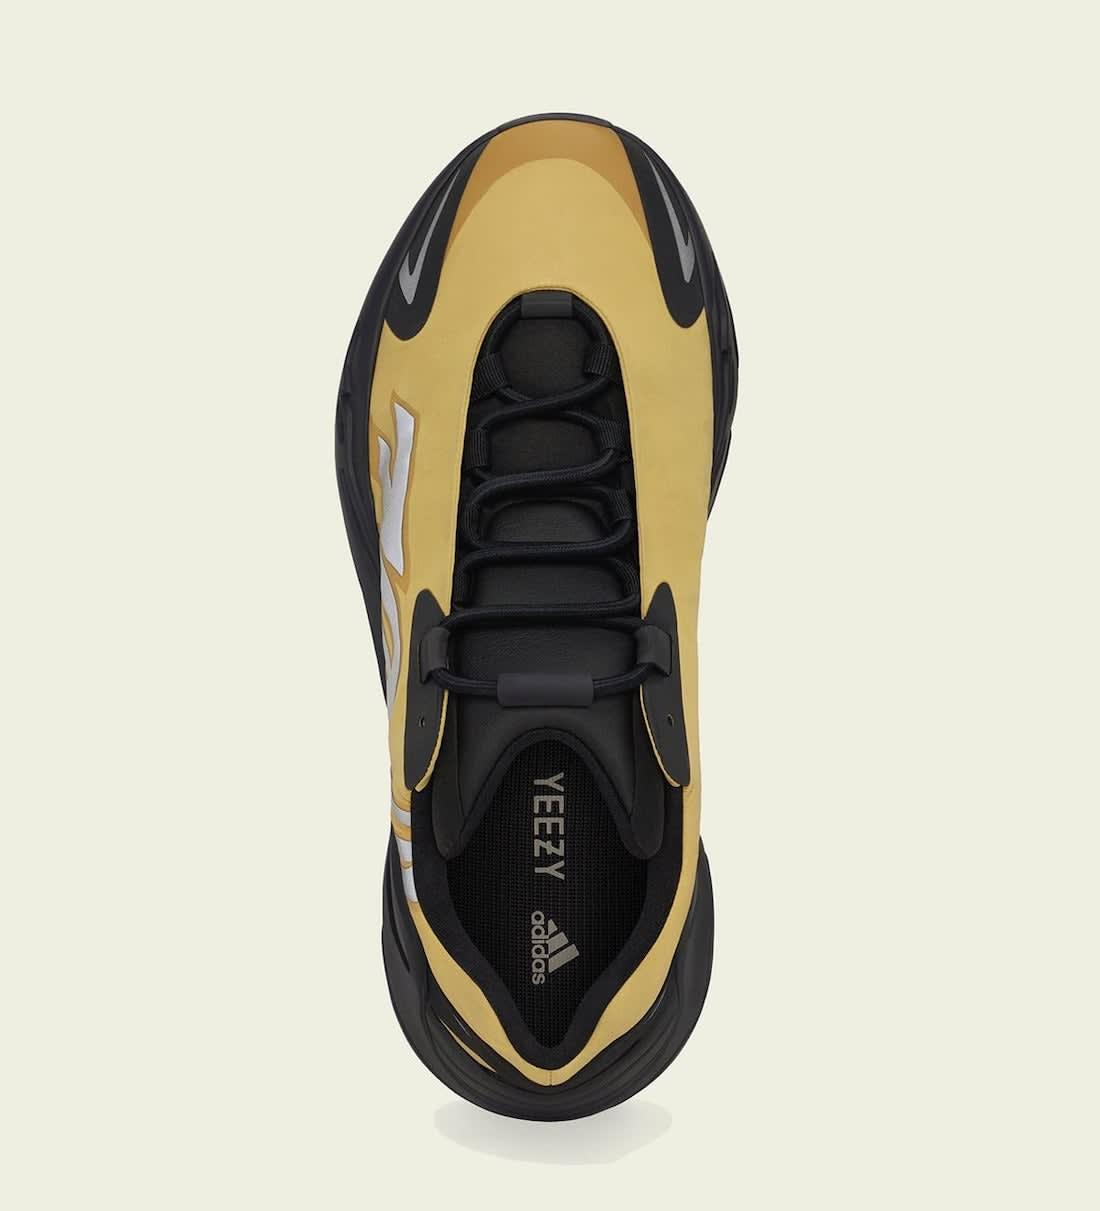 Adidas Yeezy 700 MNVN Honey Flux Release Date GZ0717 Top